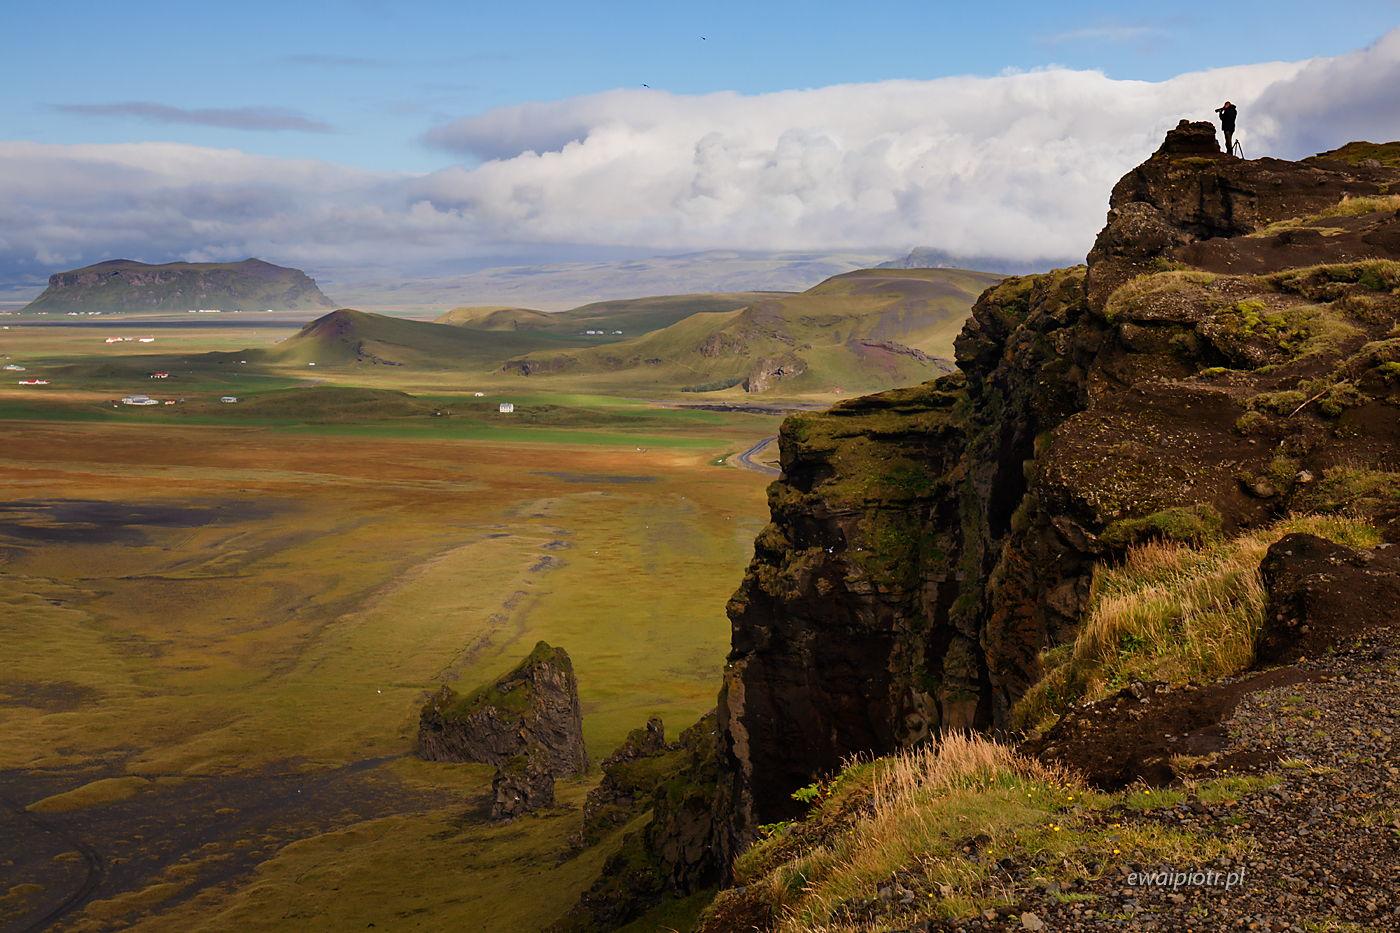 Fotograf na Dyrholaey, Islandia, człowiek w krajobrazie